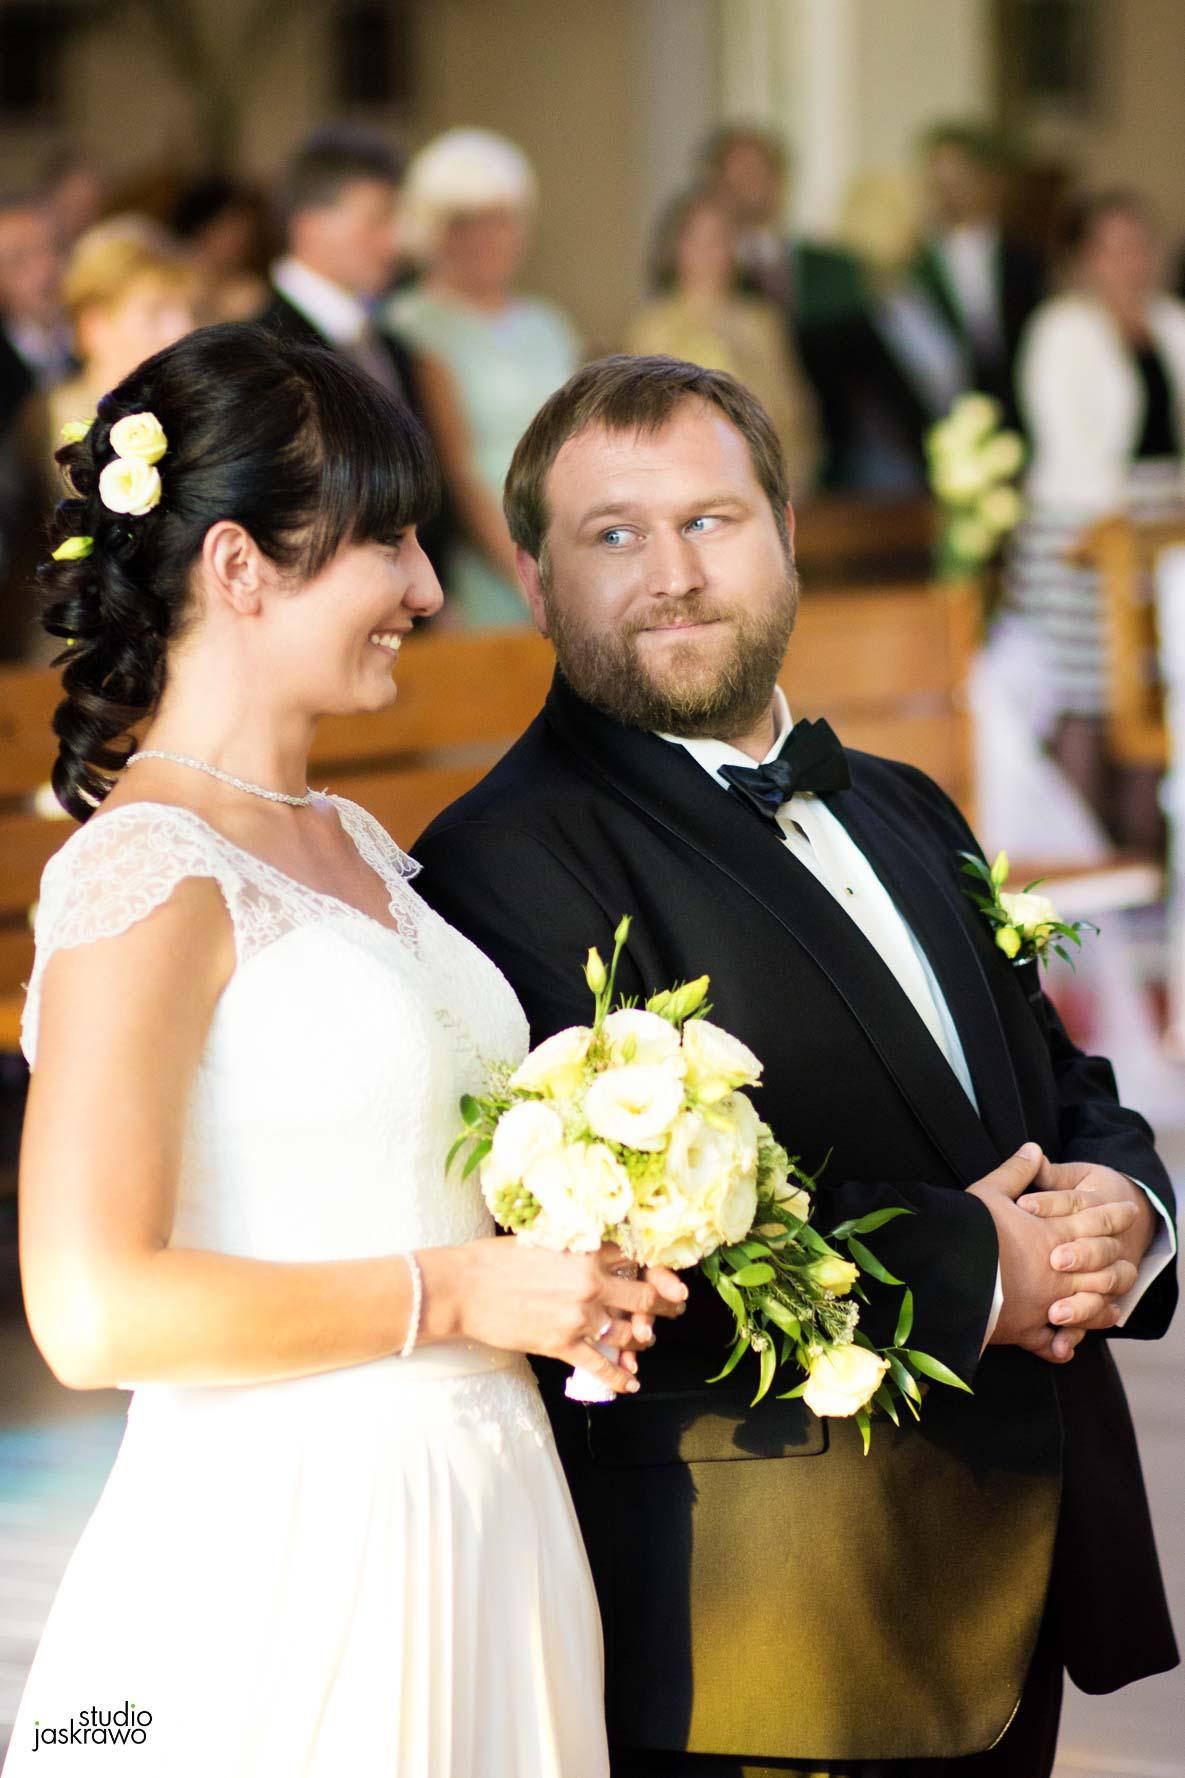 pan młody patrzy w oczy pani młodej podczas ich ślubu w kościele